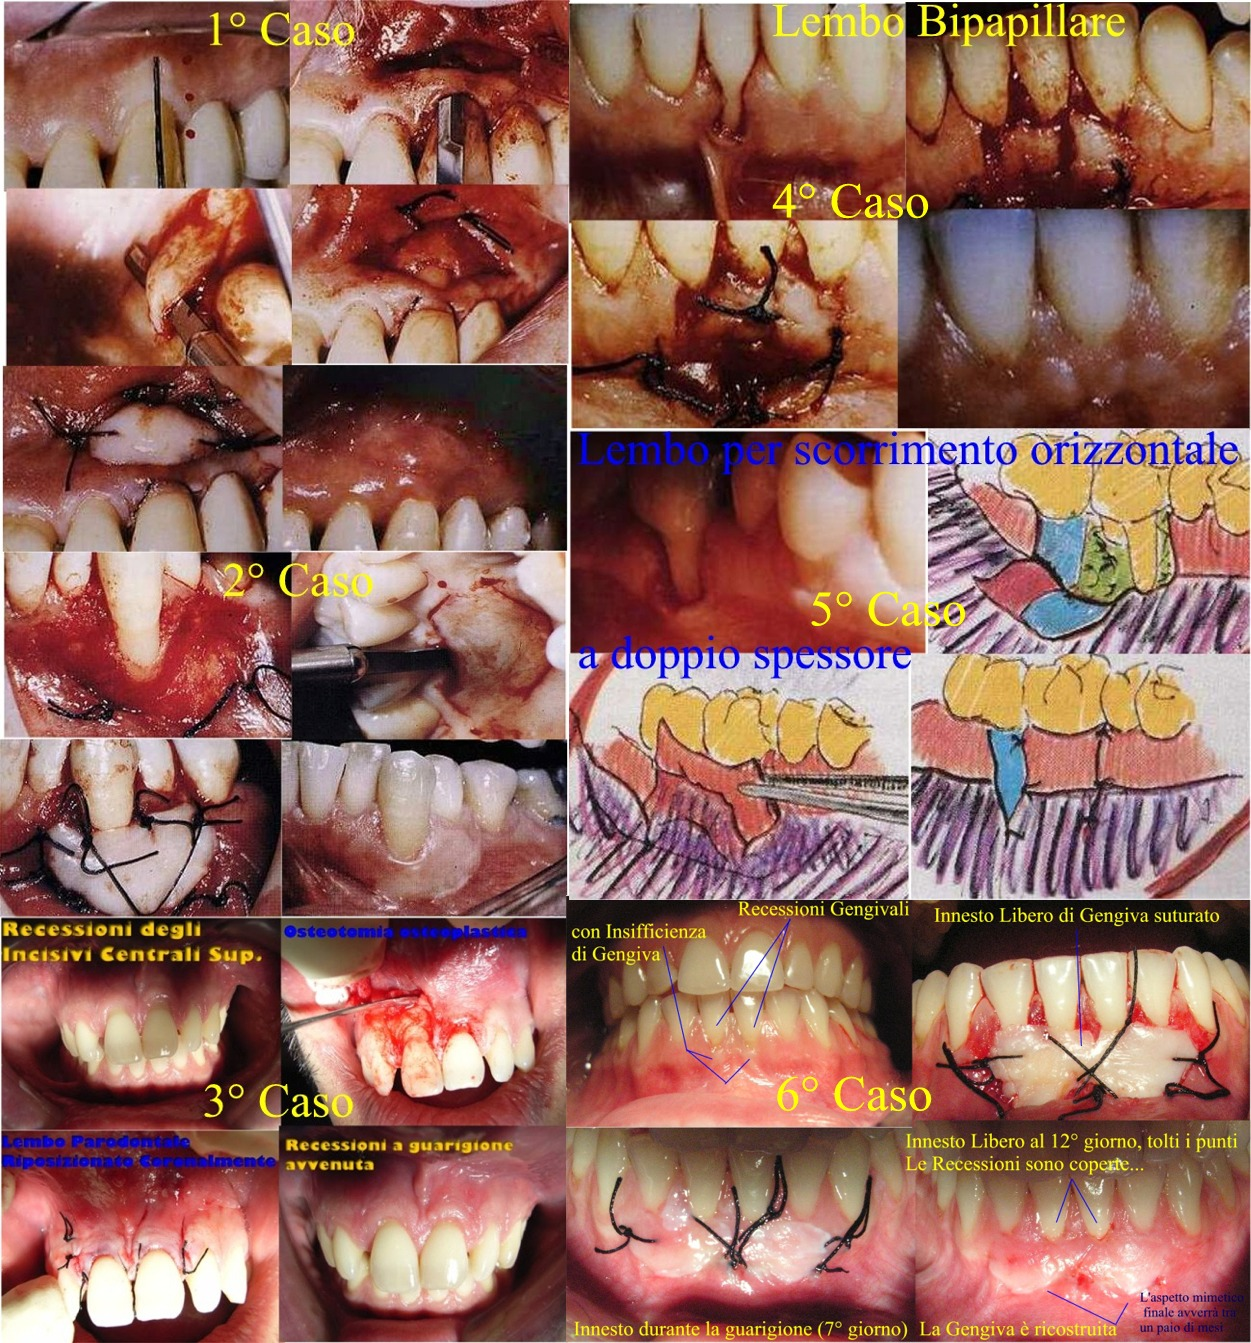 Recessioni Gengivali e vari interventi di Chirurgia Mucogengivale parodontale per curarle. Da casistica del Dr. Gustavo Petti Parodontologo di Cagliari